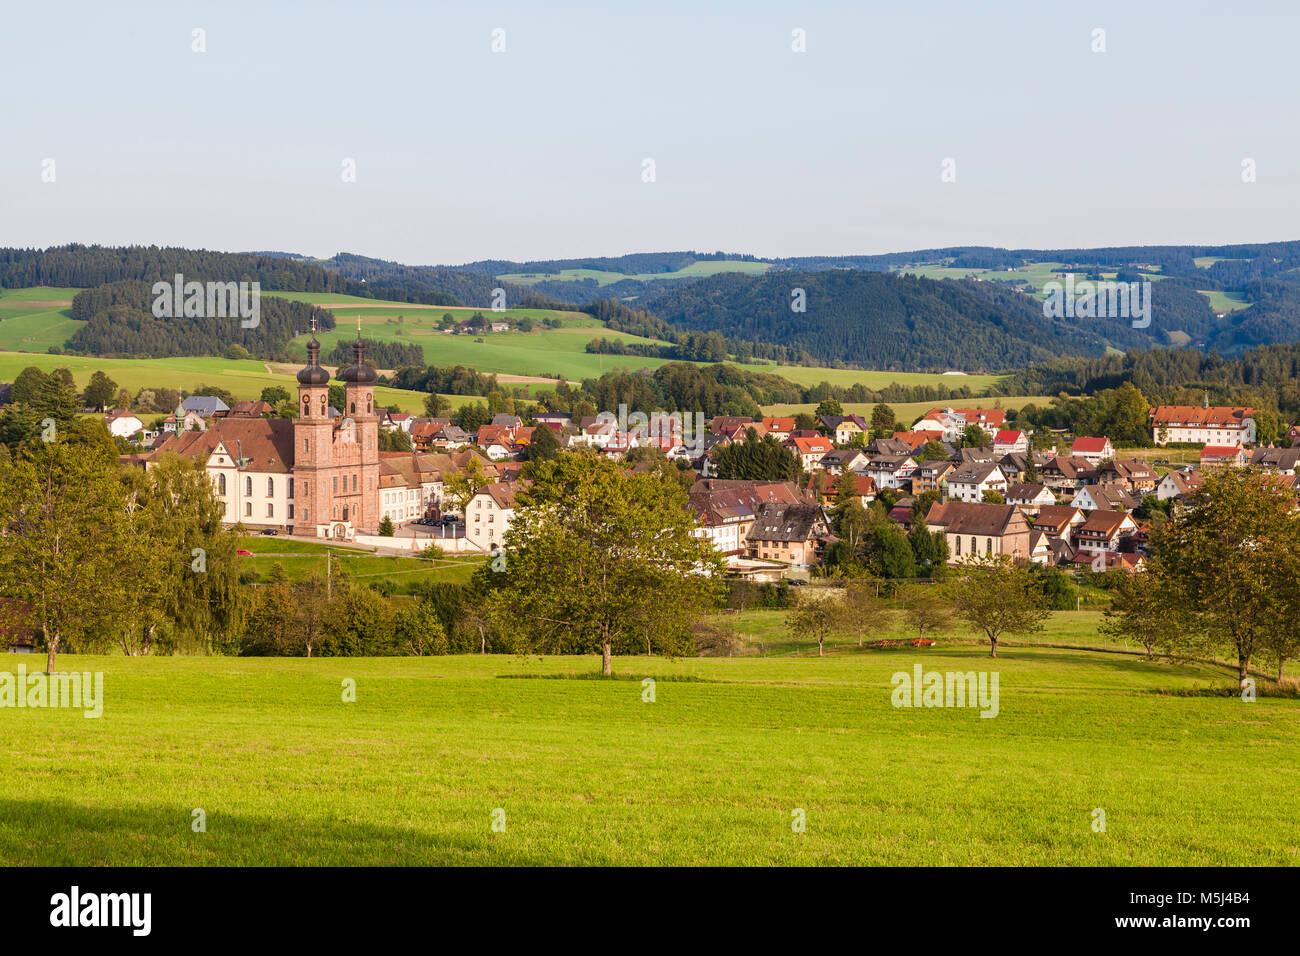 Deutschland, Baden-Württemberg, Schwarzwald, St. Peter, Kloster, Klosterkirche - Stock Image